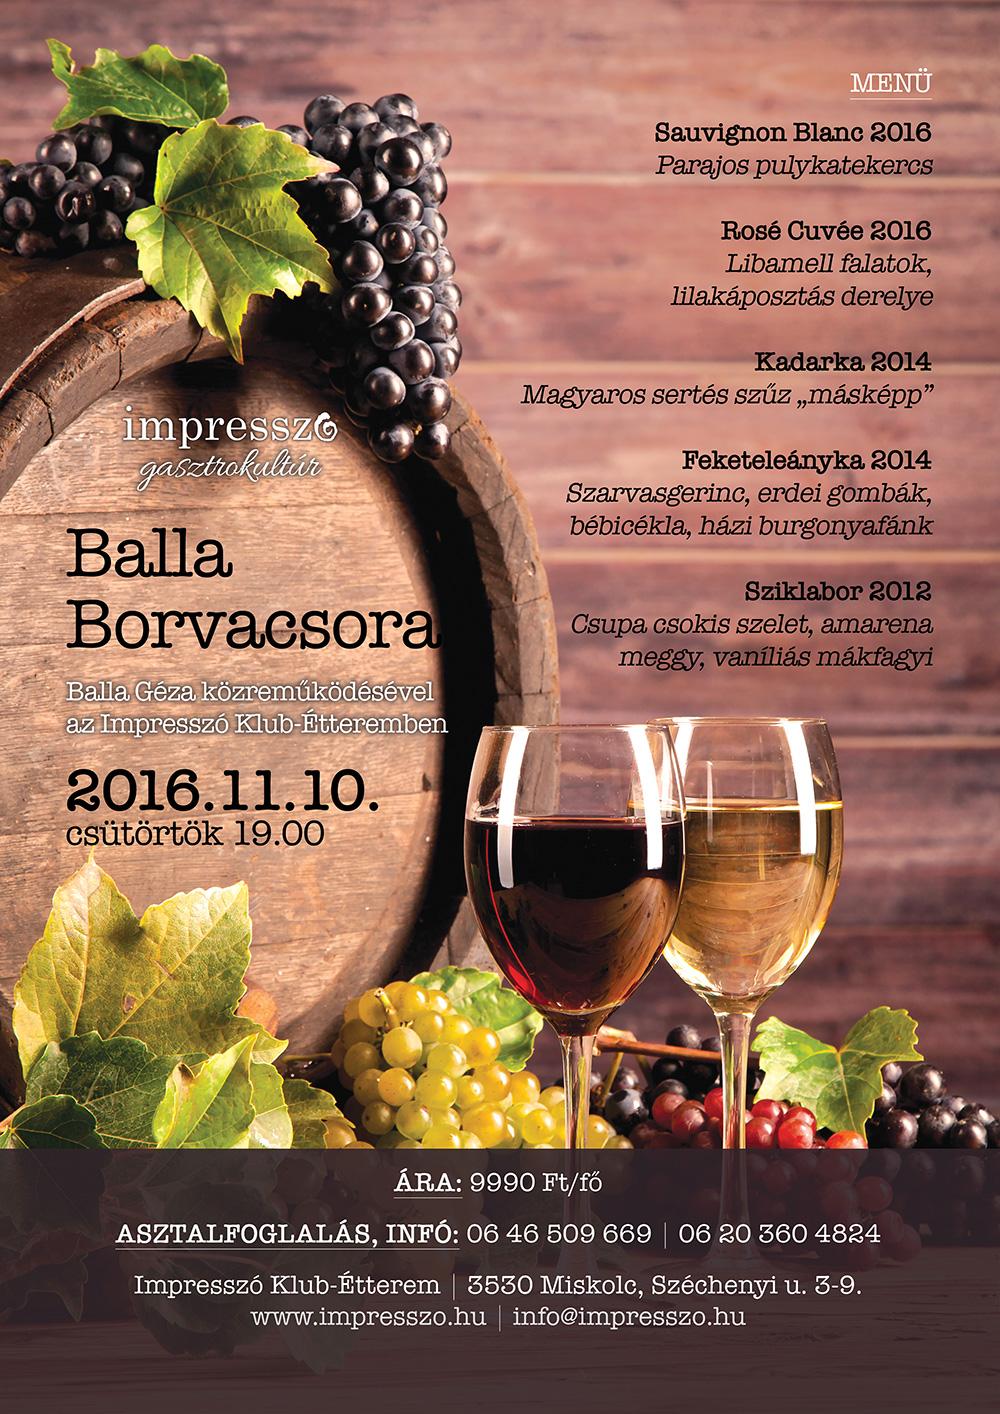 impresszo-balla-geza-borvacsora-161110-web_1.jpg